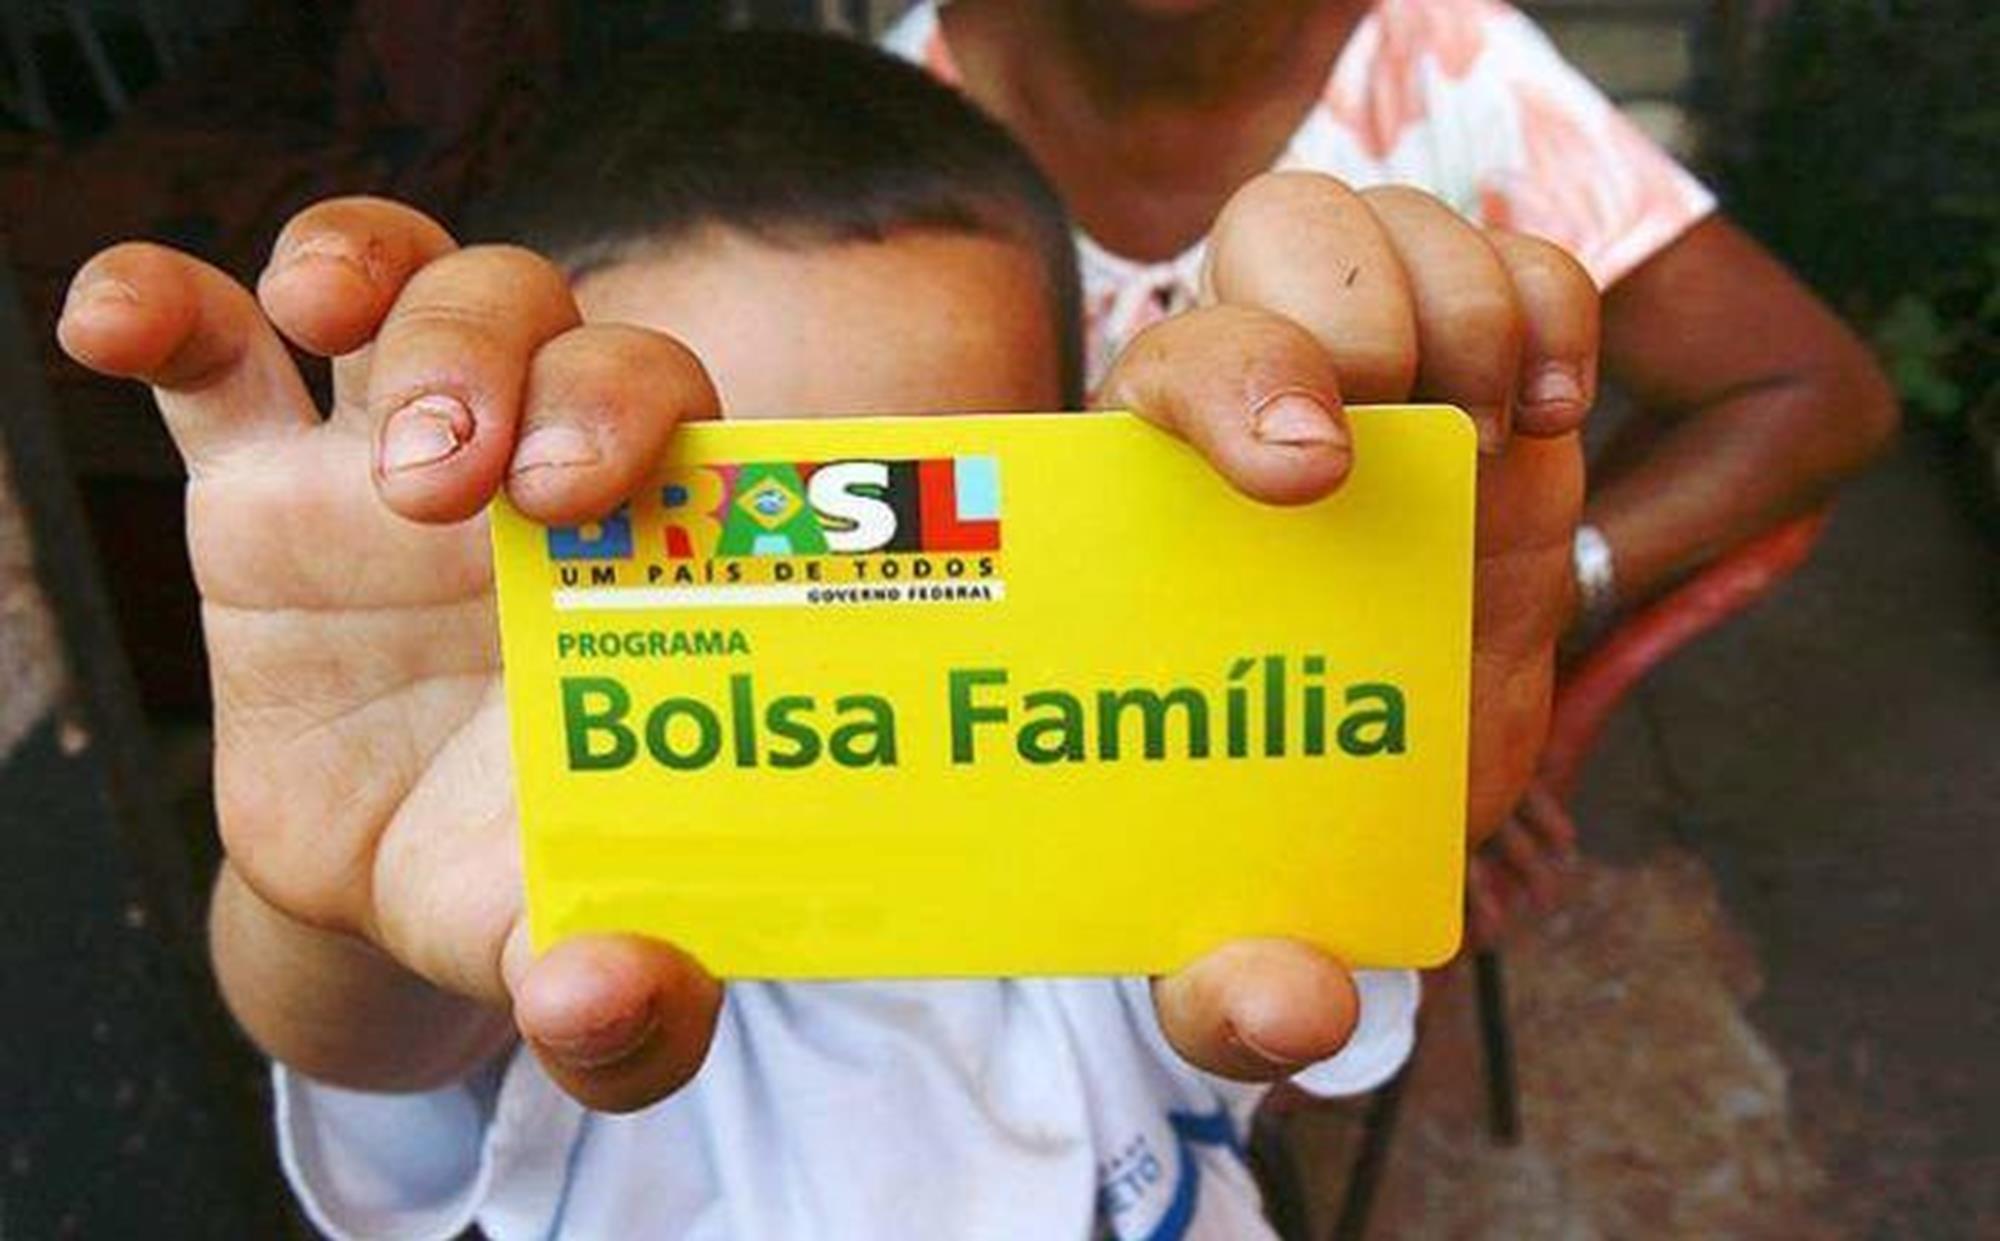 bolsafamilia, fome, auxilio, brasil, Divulgação/Agência Brasil